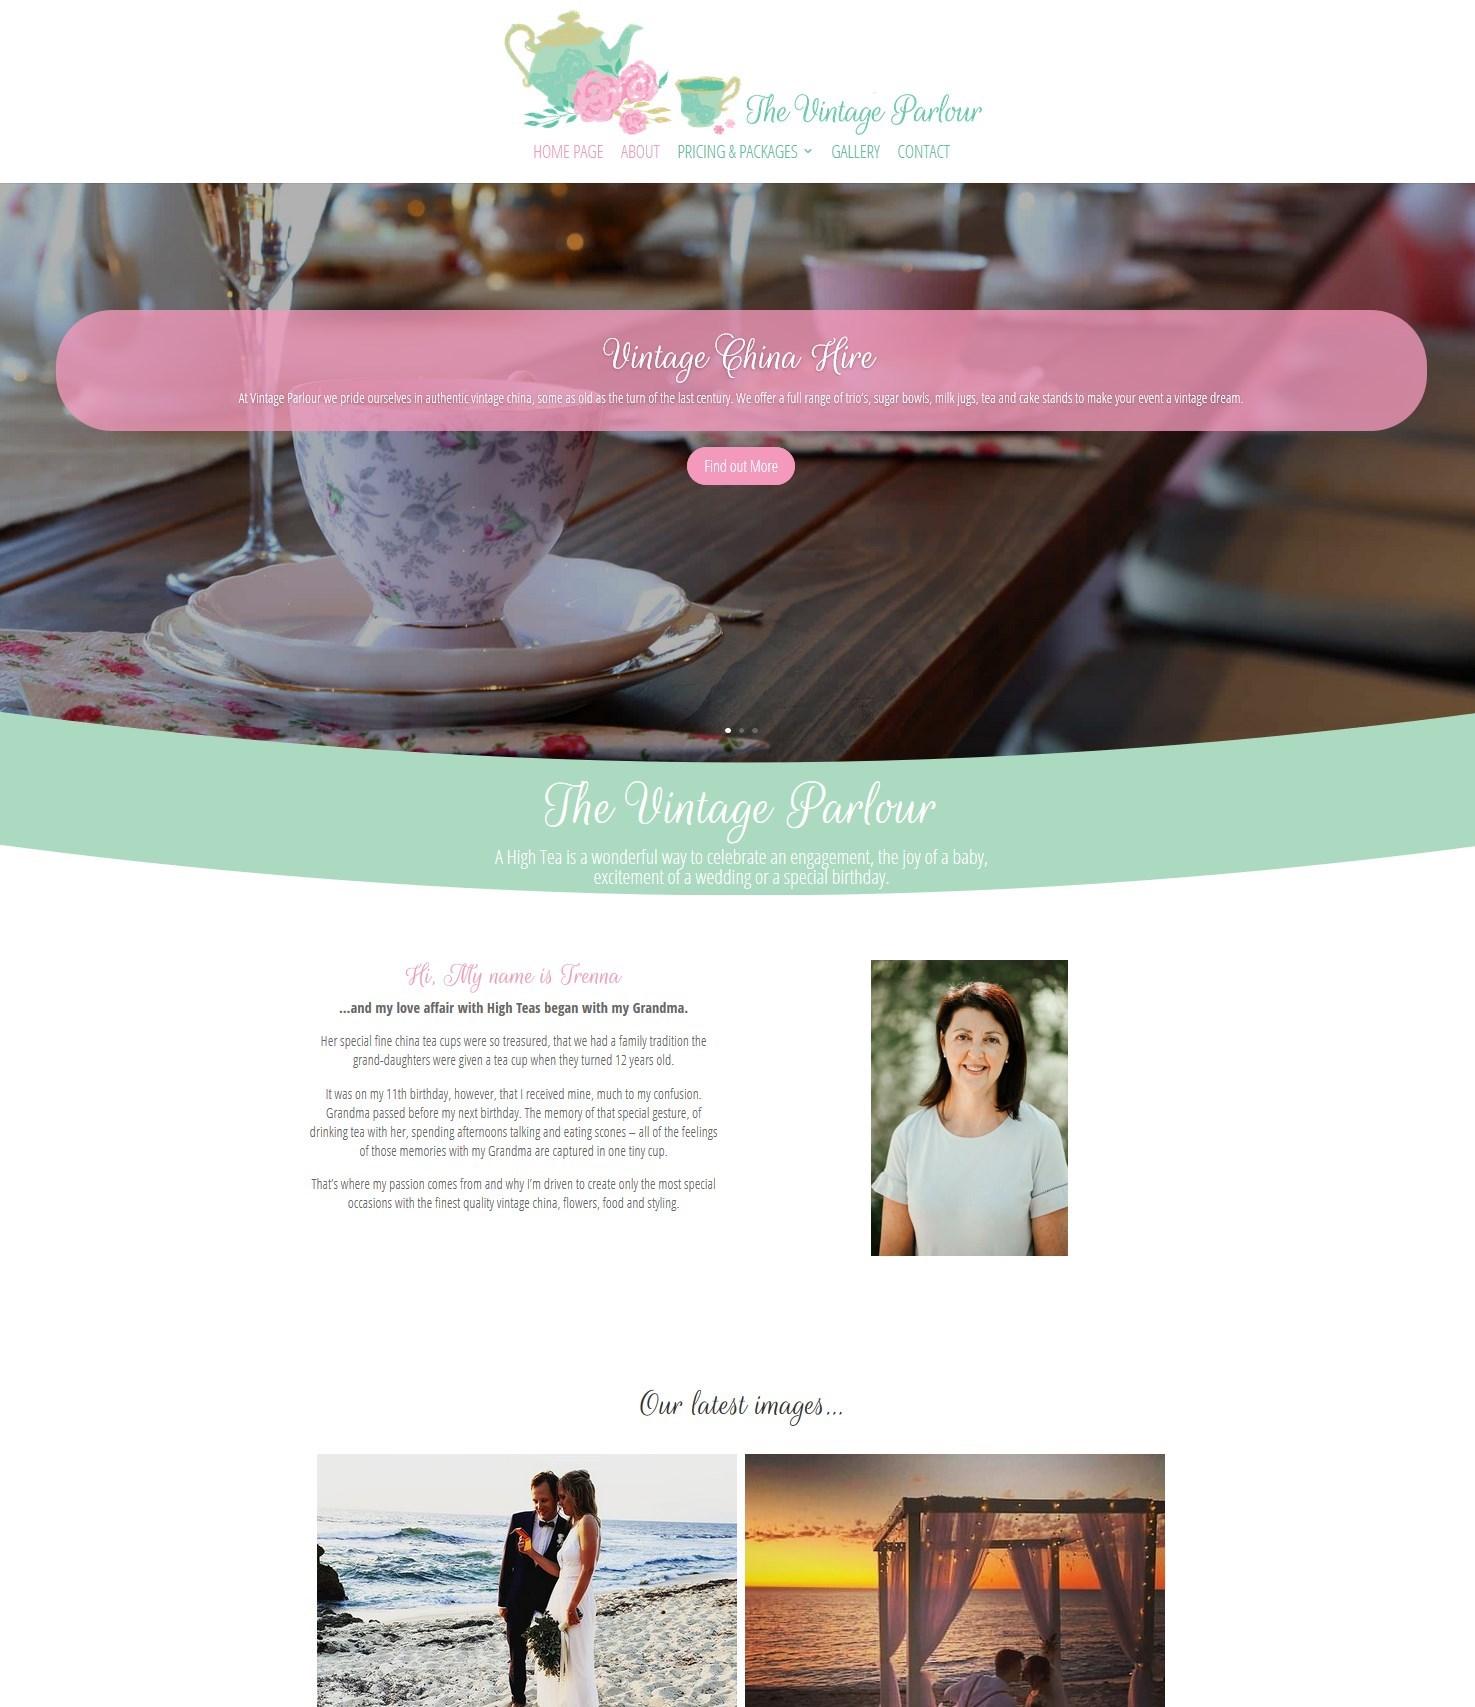 vintage parlour web design - Design